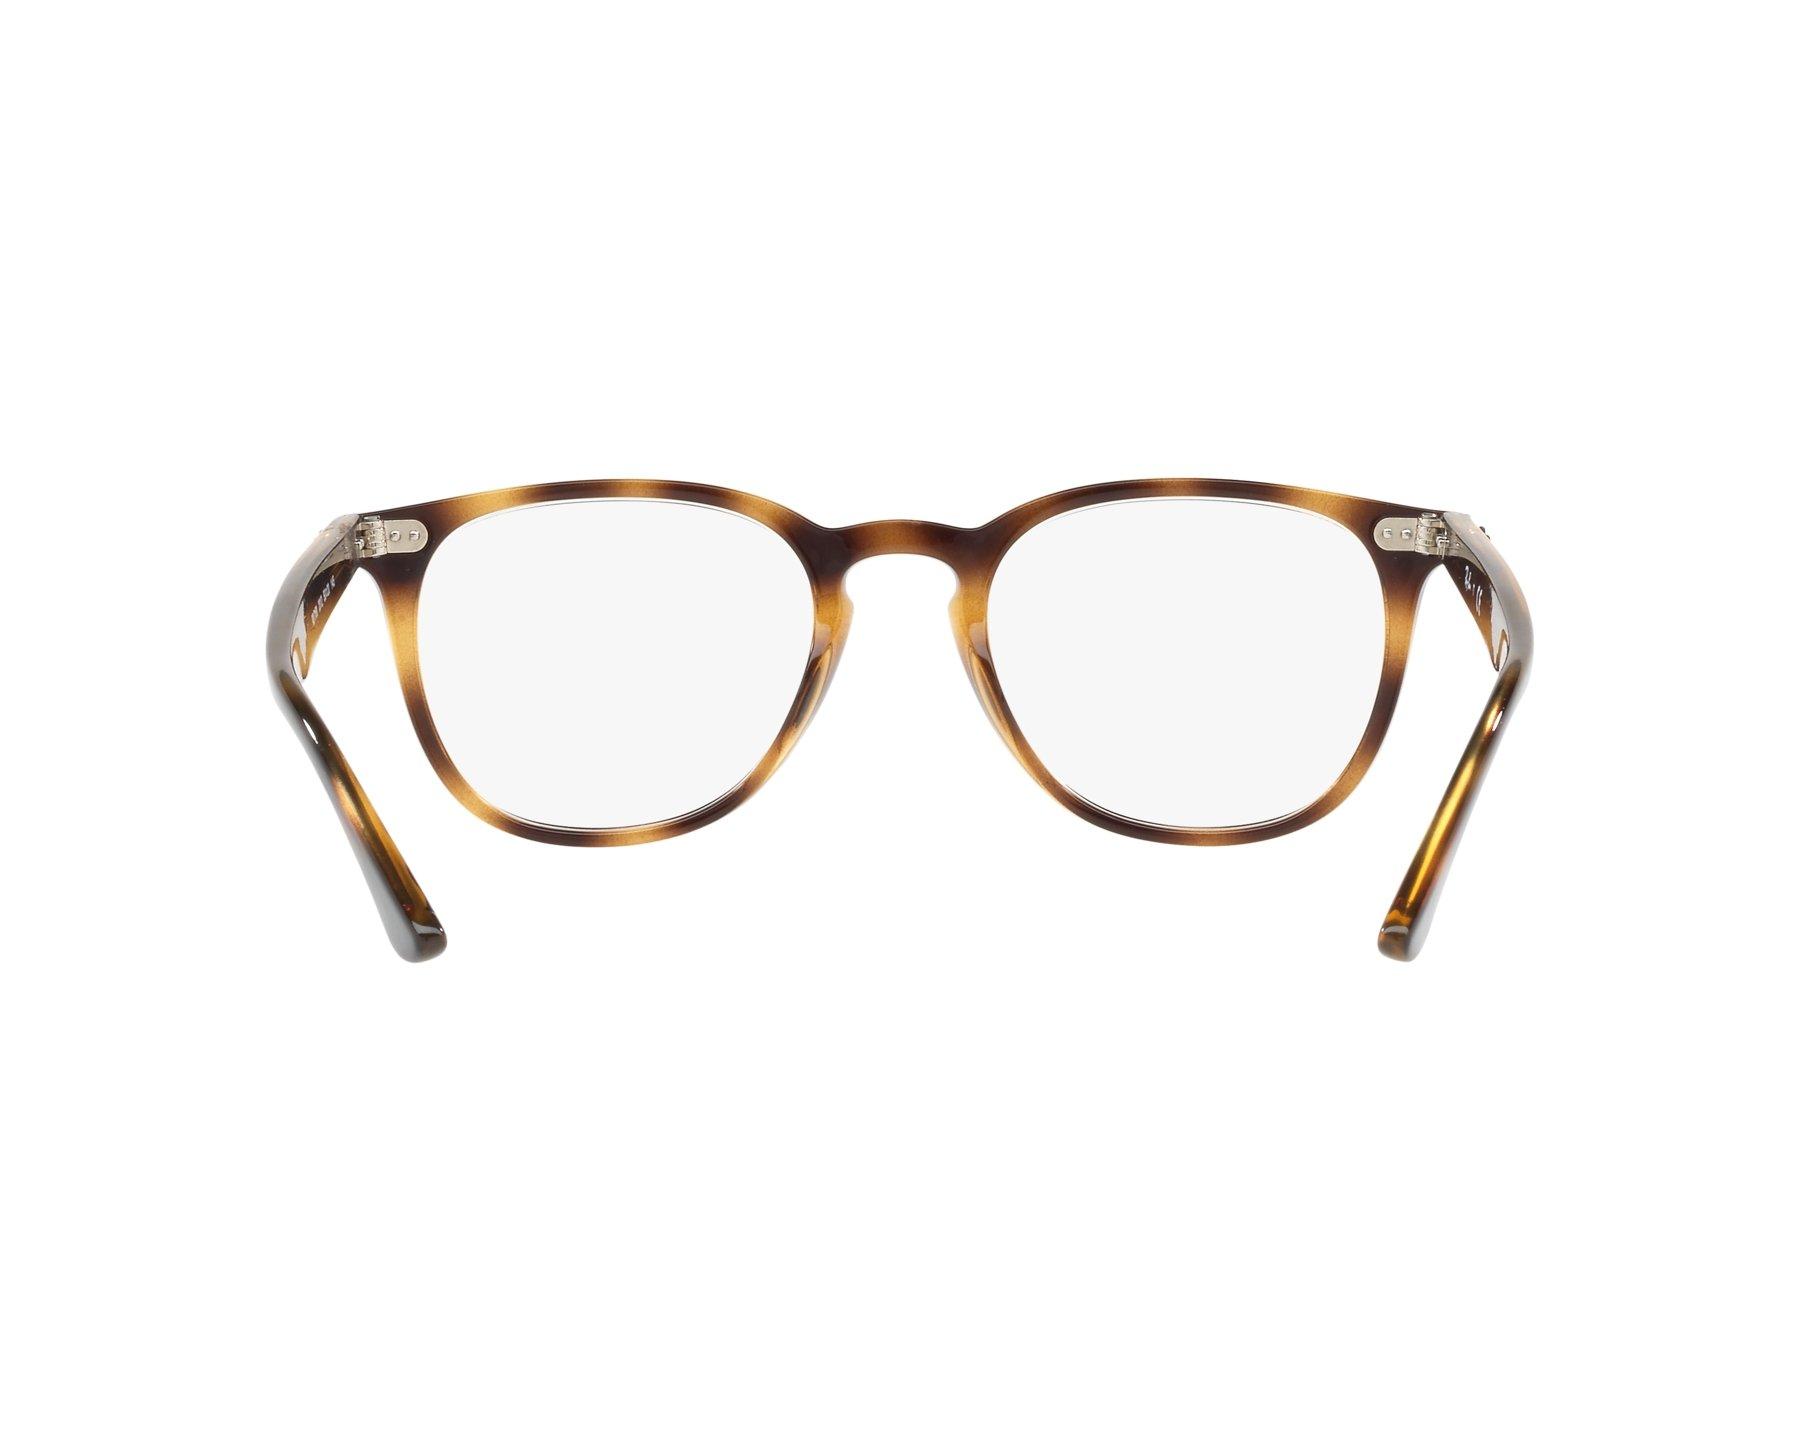 1fe7b658fe2 eyeglasses Ray-Ban RX-7159 2012 50-20 Havana 360 degree view 7